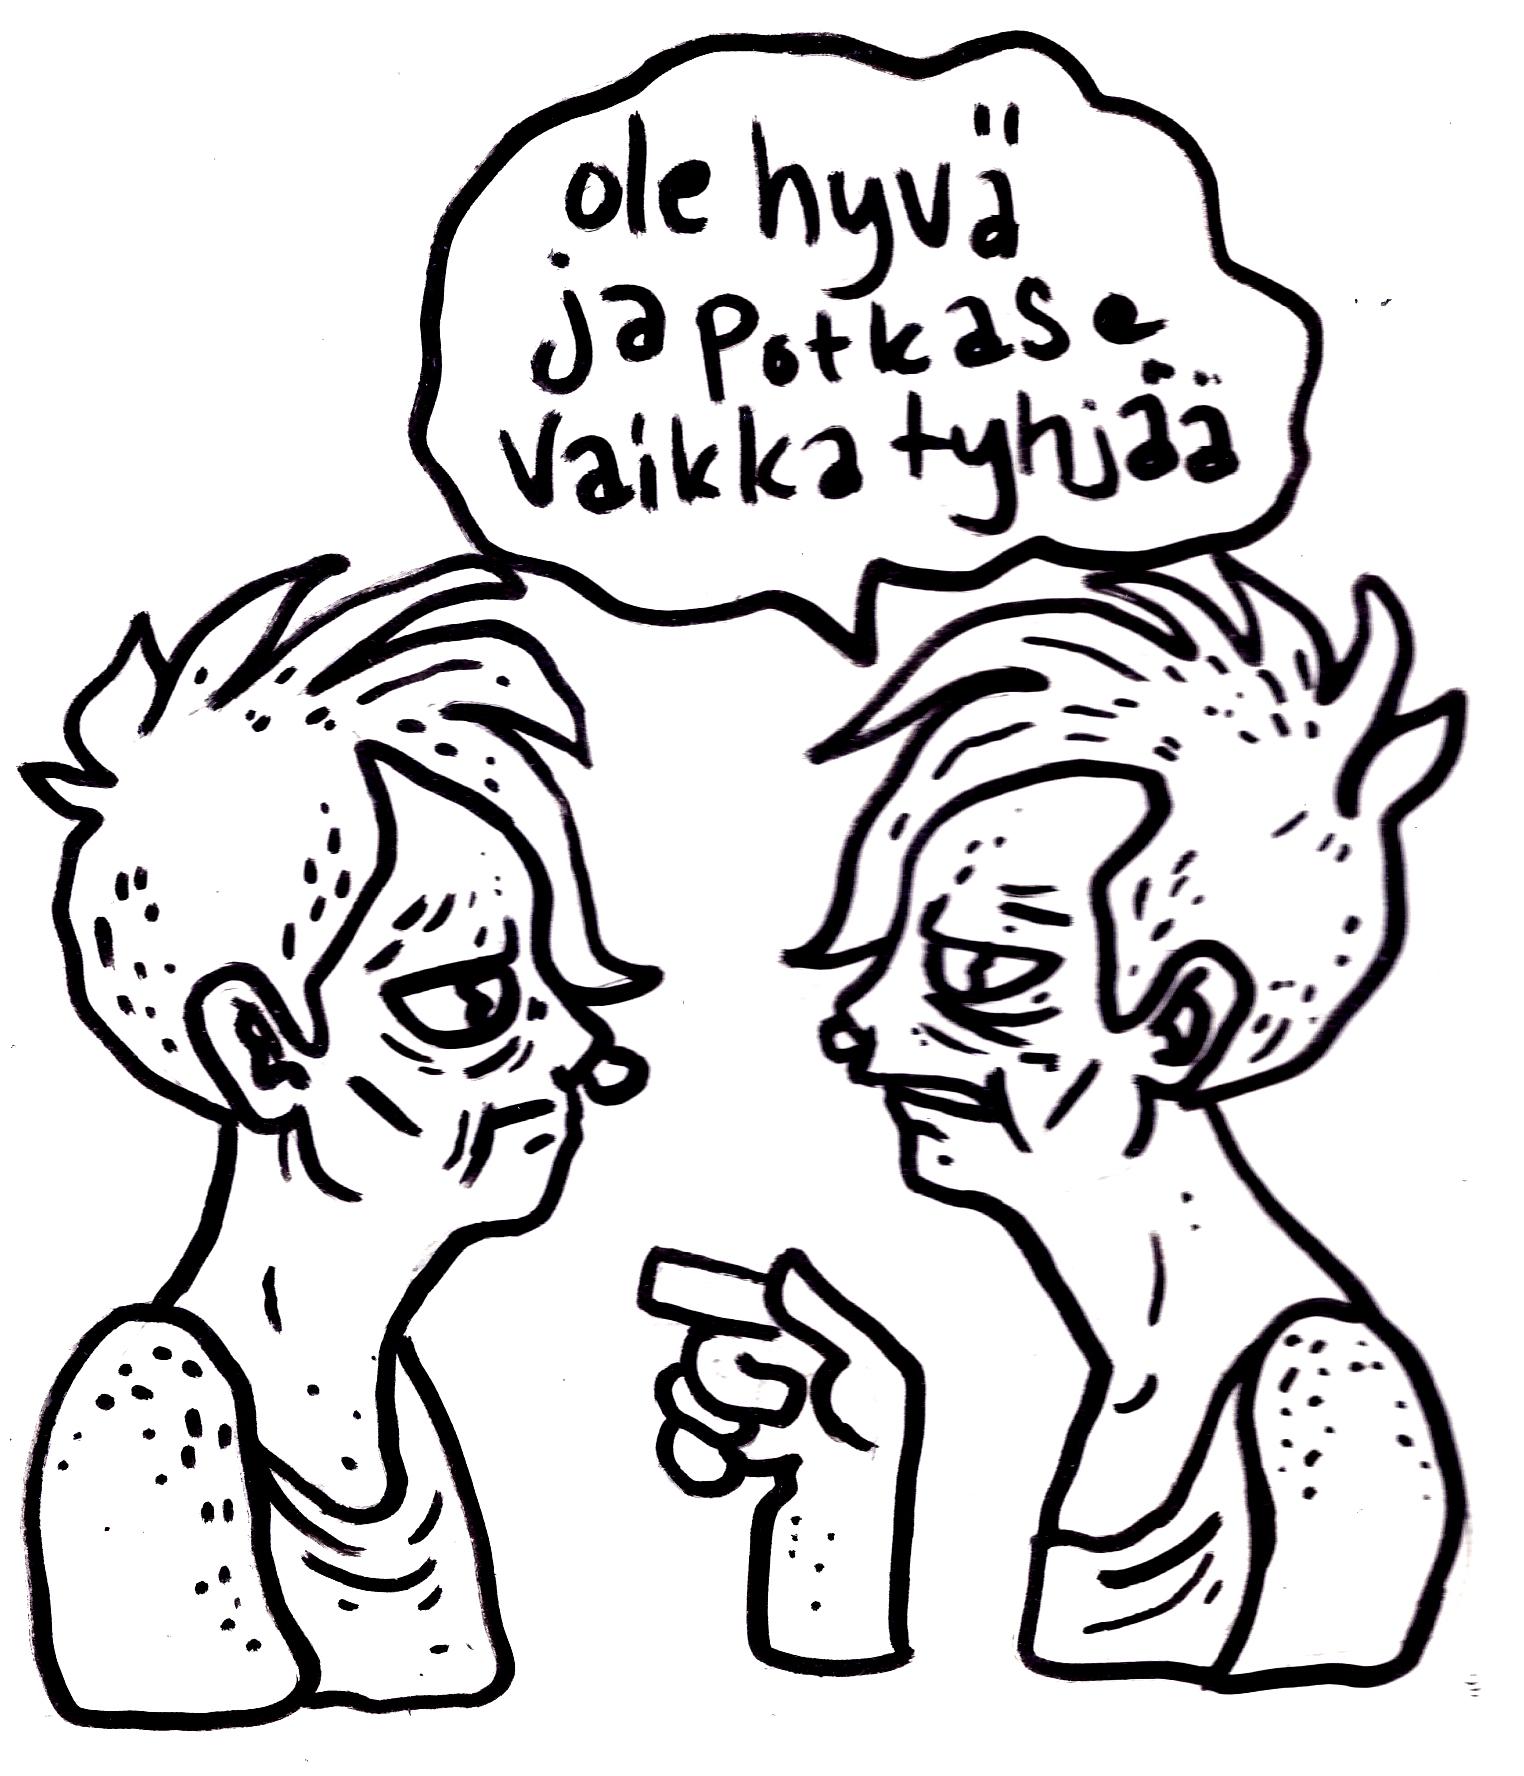 surkee5